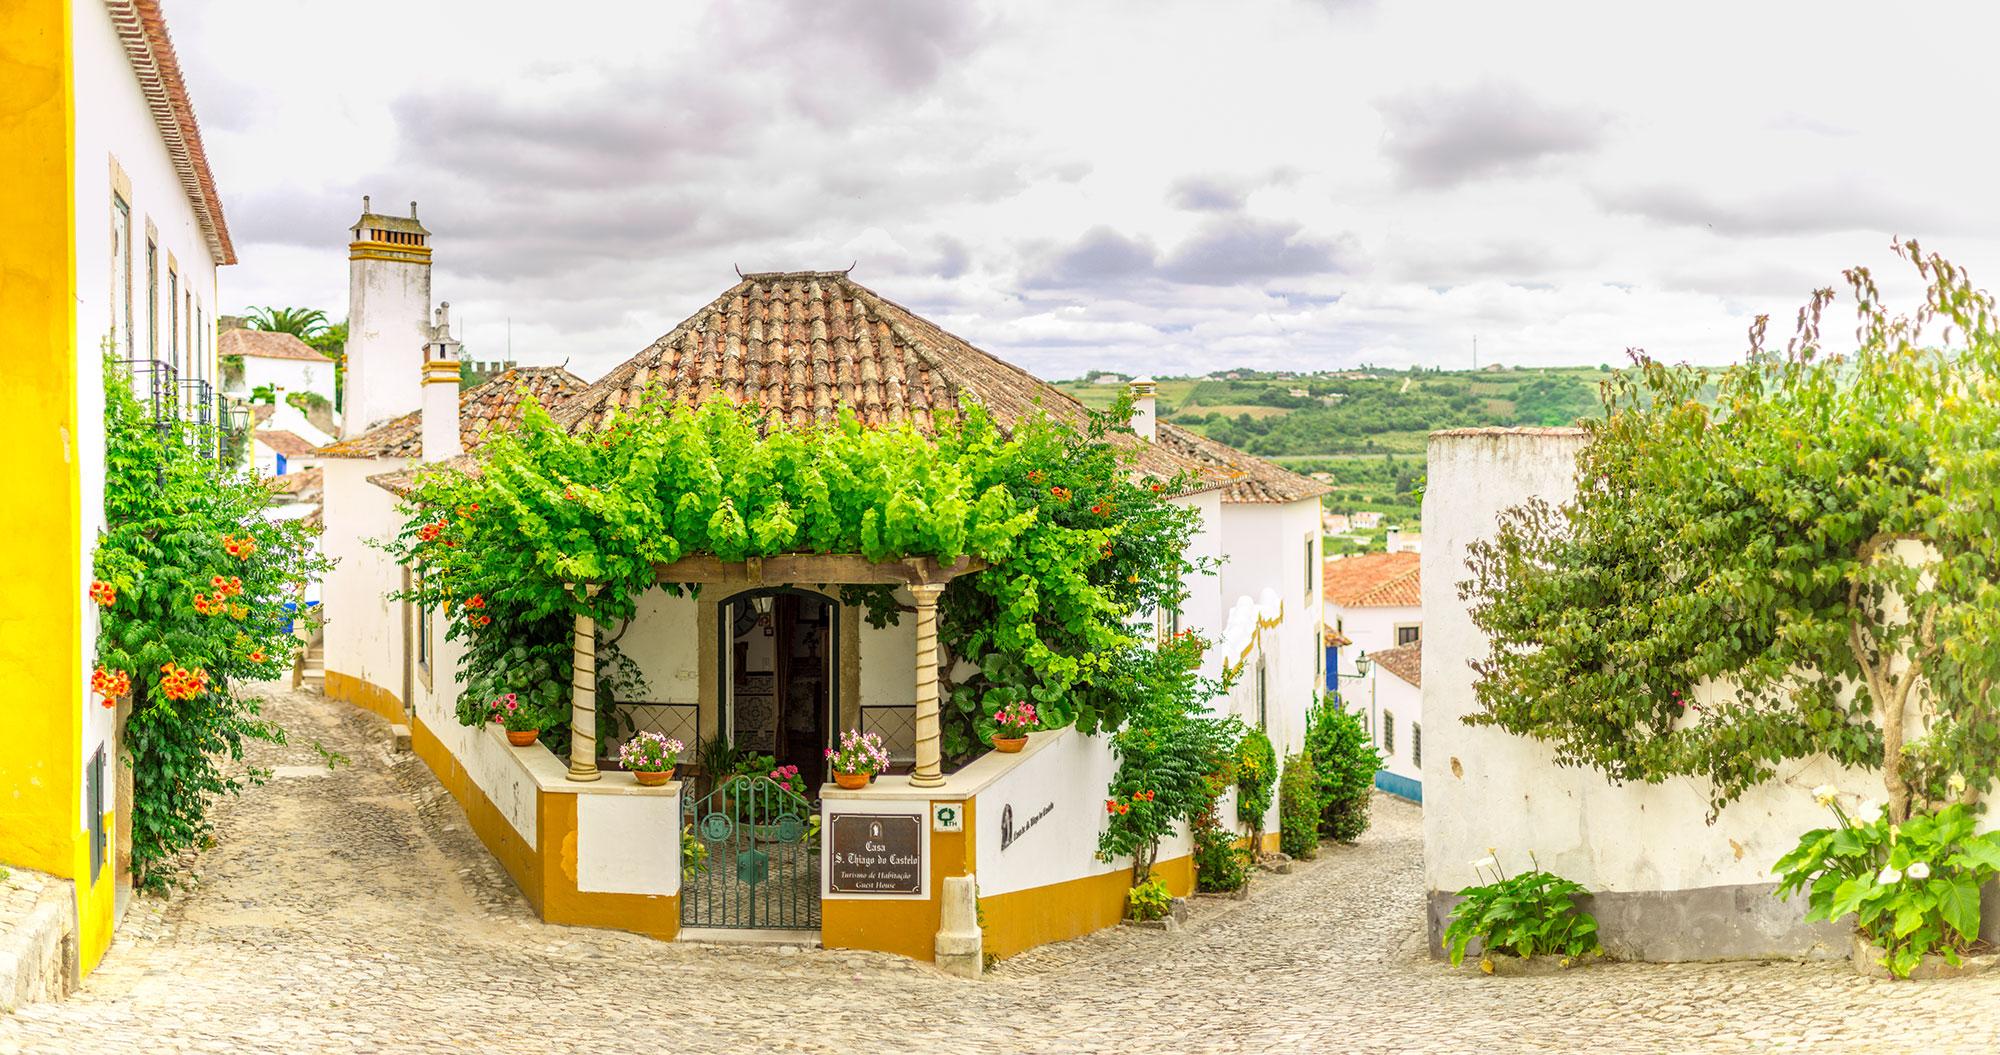 Urlaub-Portugal-133